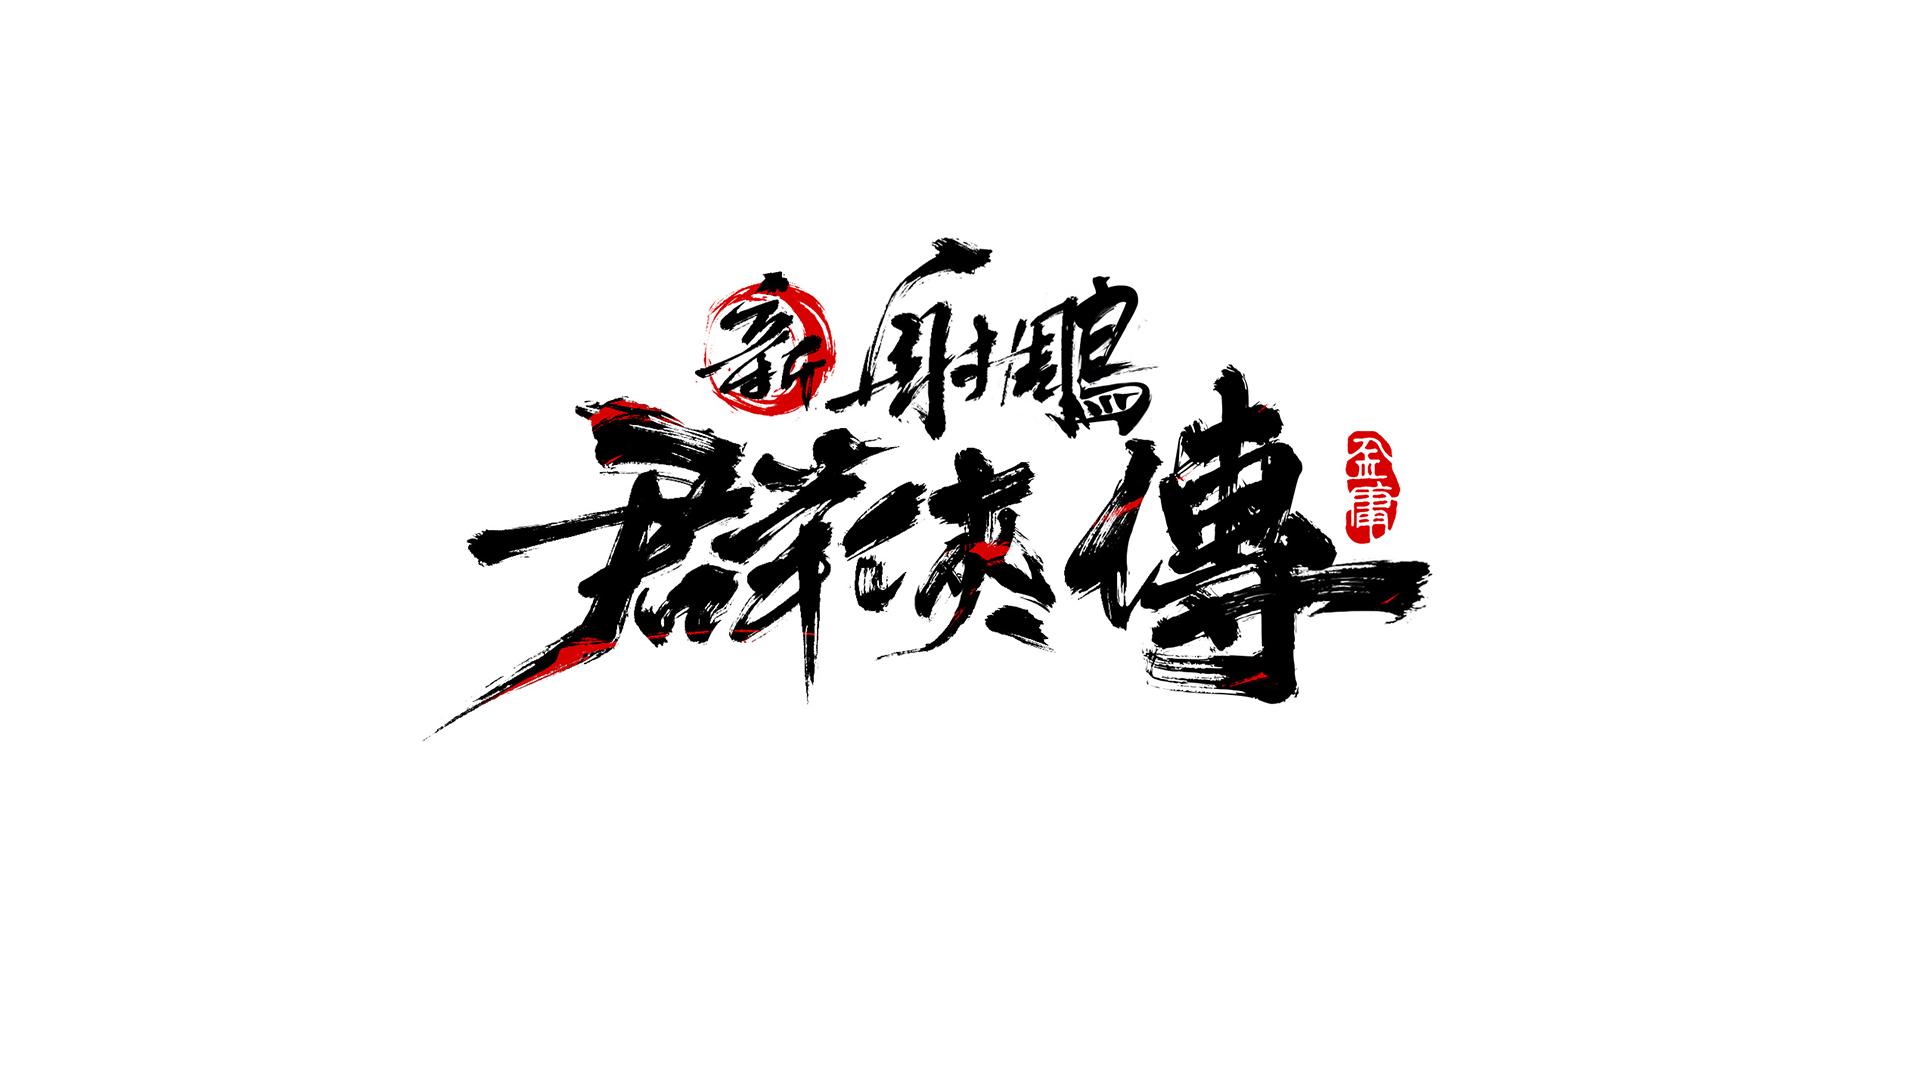 《新射鵰群俠傳》漫畫大師馬榮成傾力助攻!港澳台下載第一